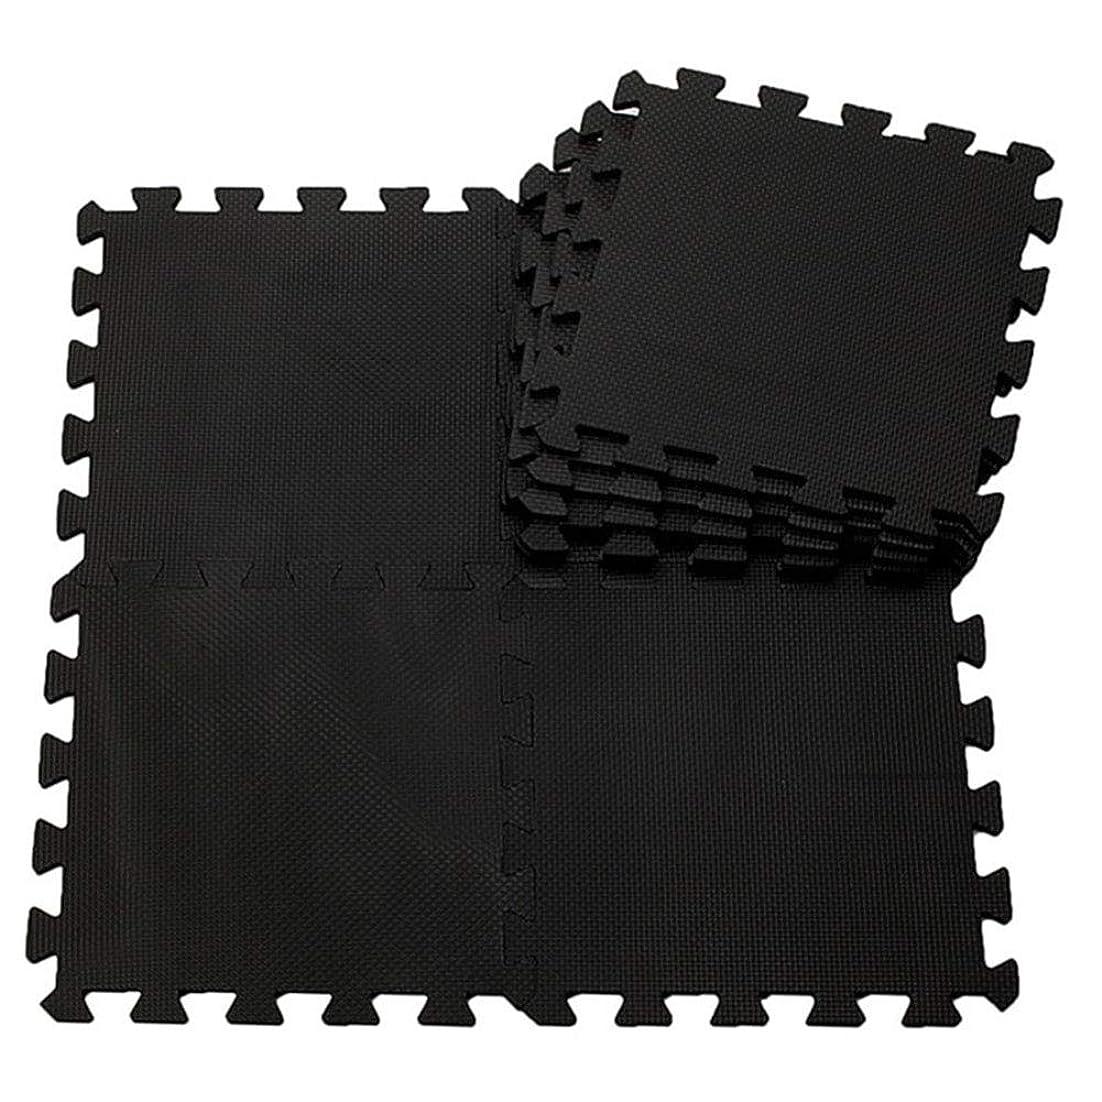 打ち上げる悲しみ絶滅可愛い 吸着 ズレないマット 防音 柔らかい 撥水 ジョイント 30×30cm 9枚組 ジョイントマット (ブラック)